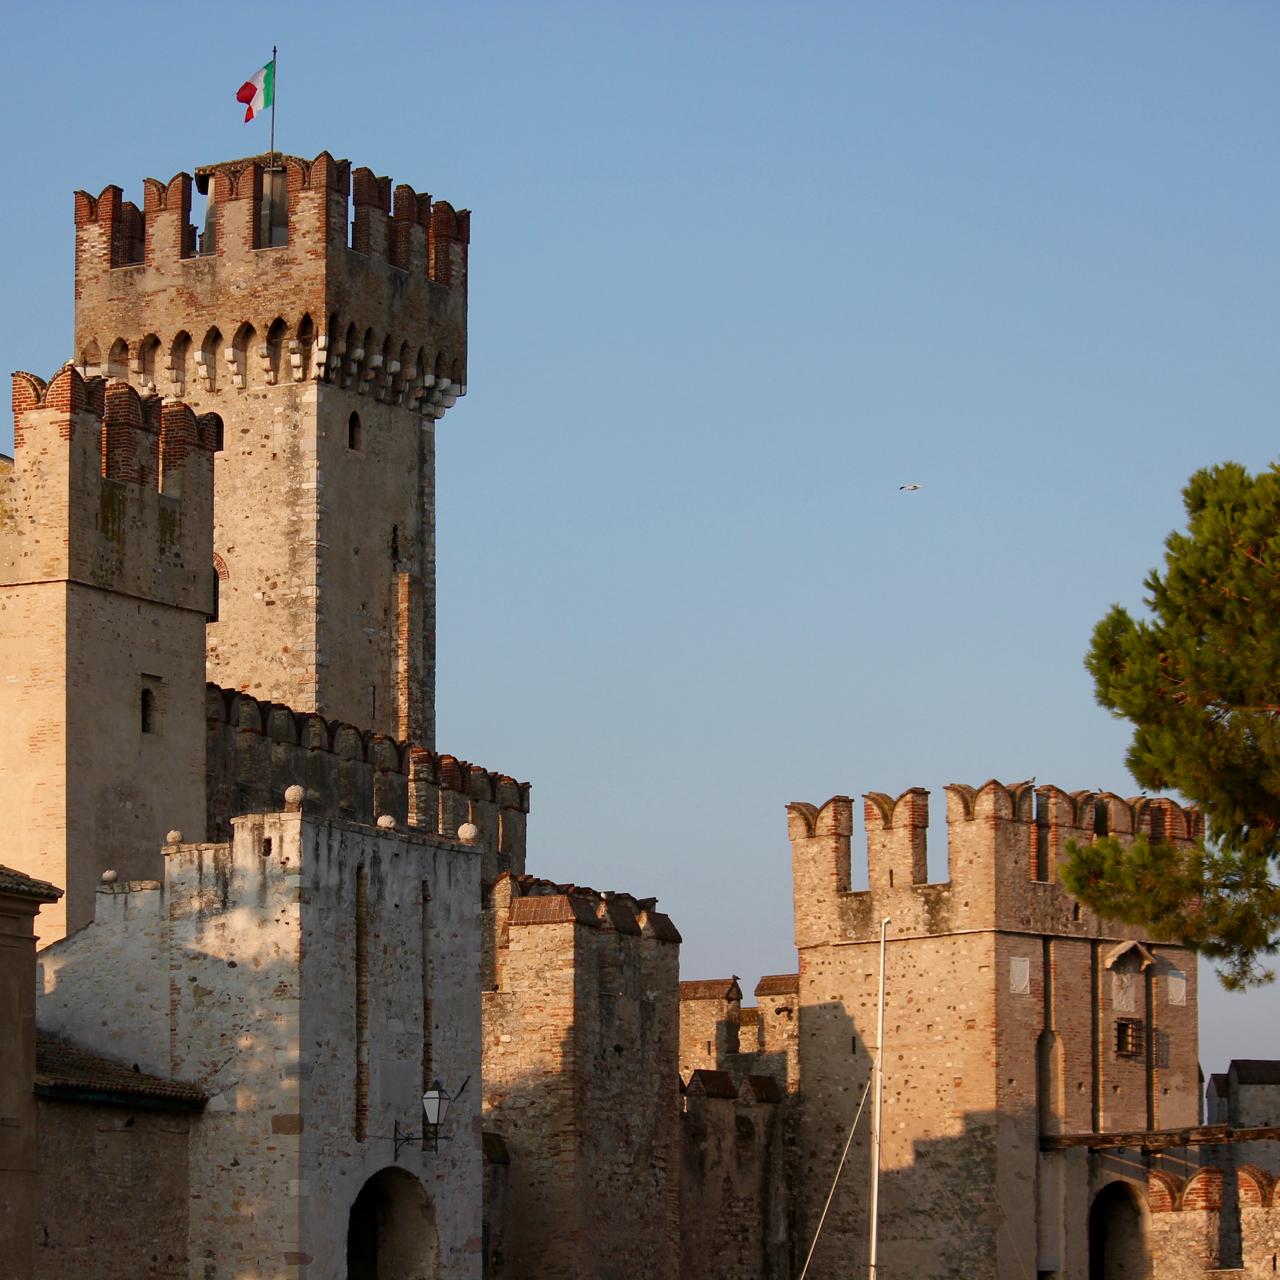 Sirmione, Italy - 11